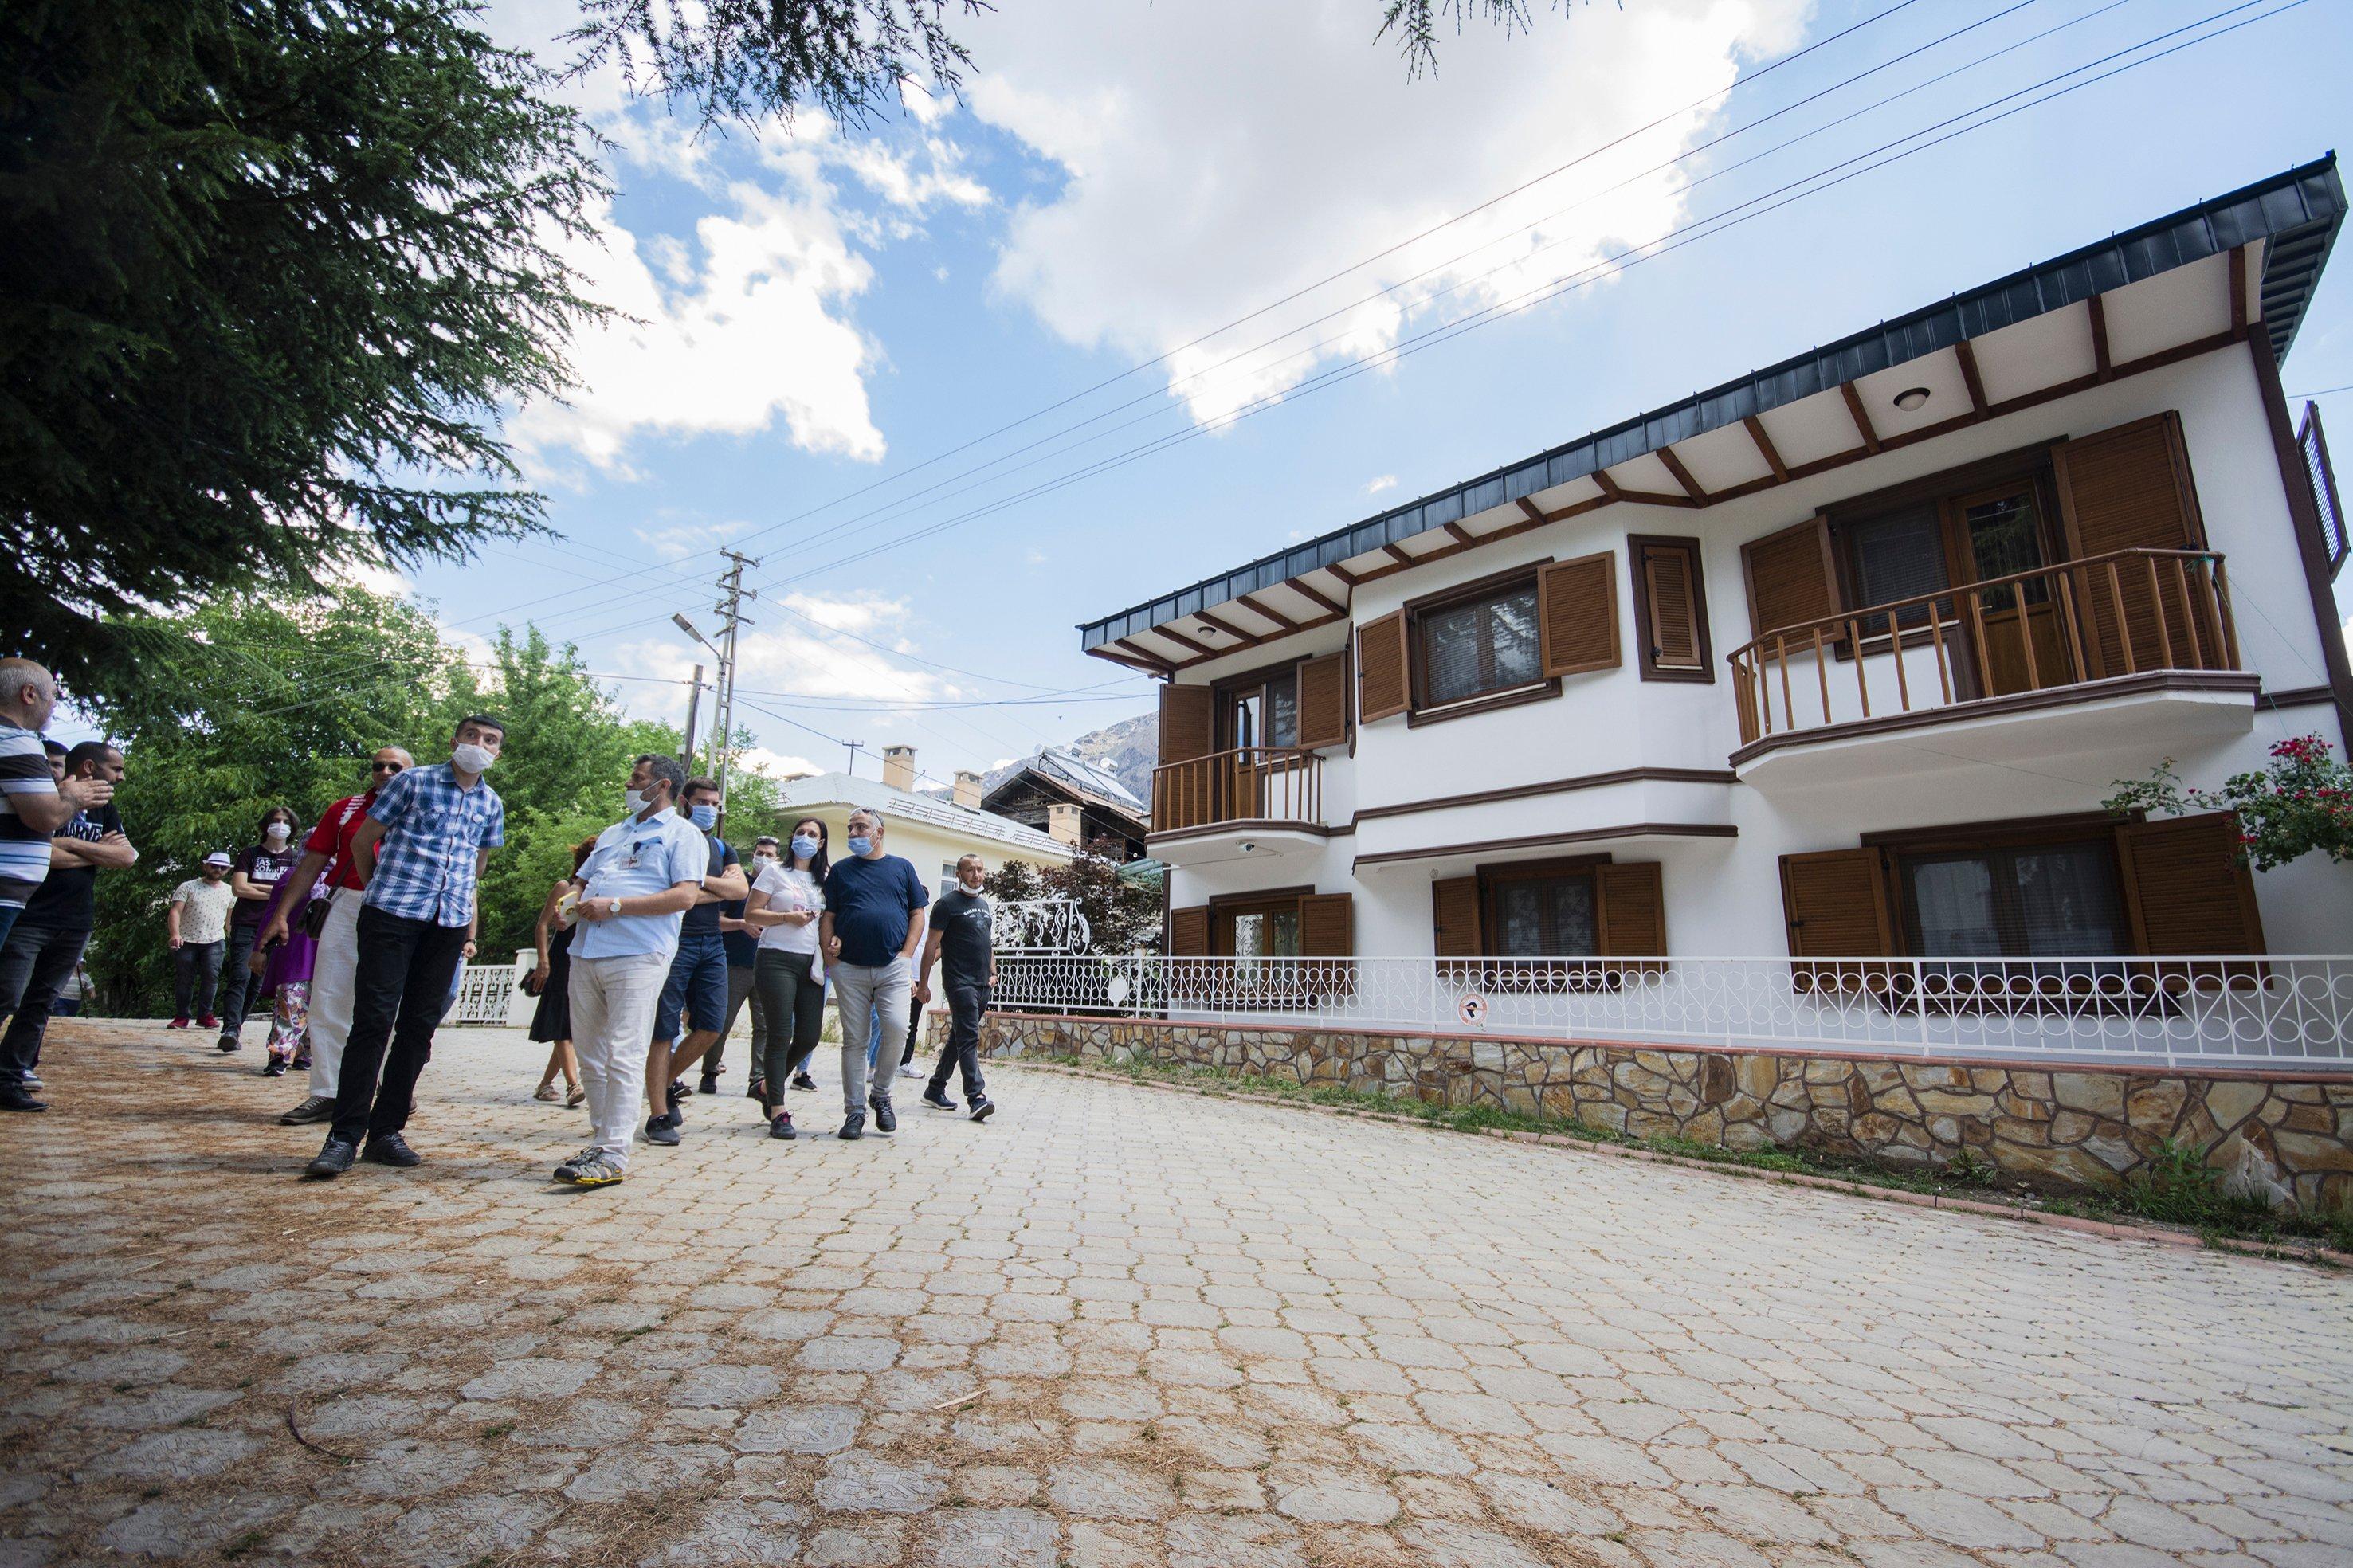 Visitors are seen in the Tamzara neighborhood, Giresun, northern Turkey, July 18, 2020. (AA Photo)